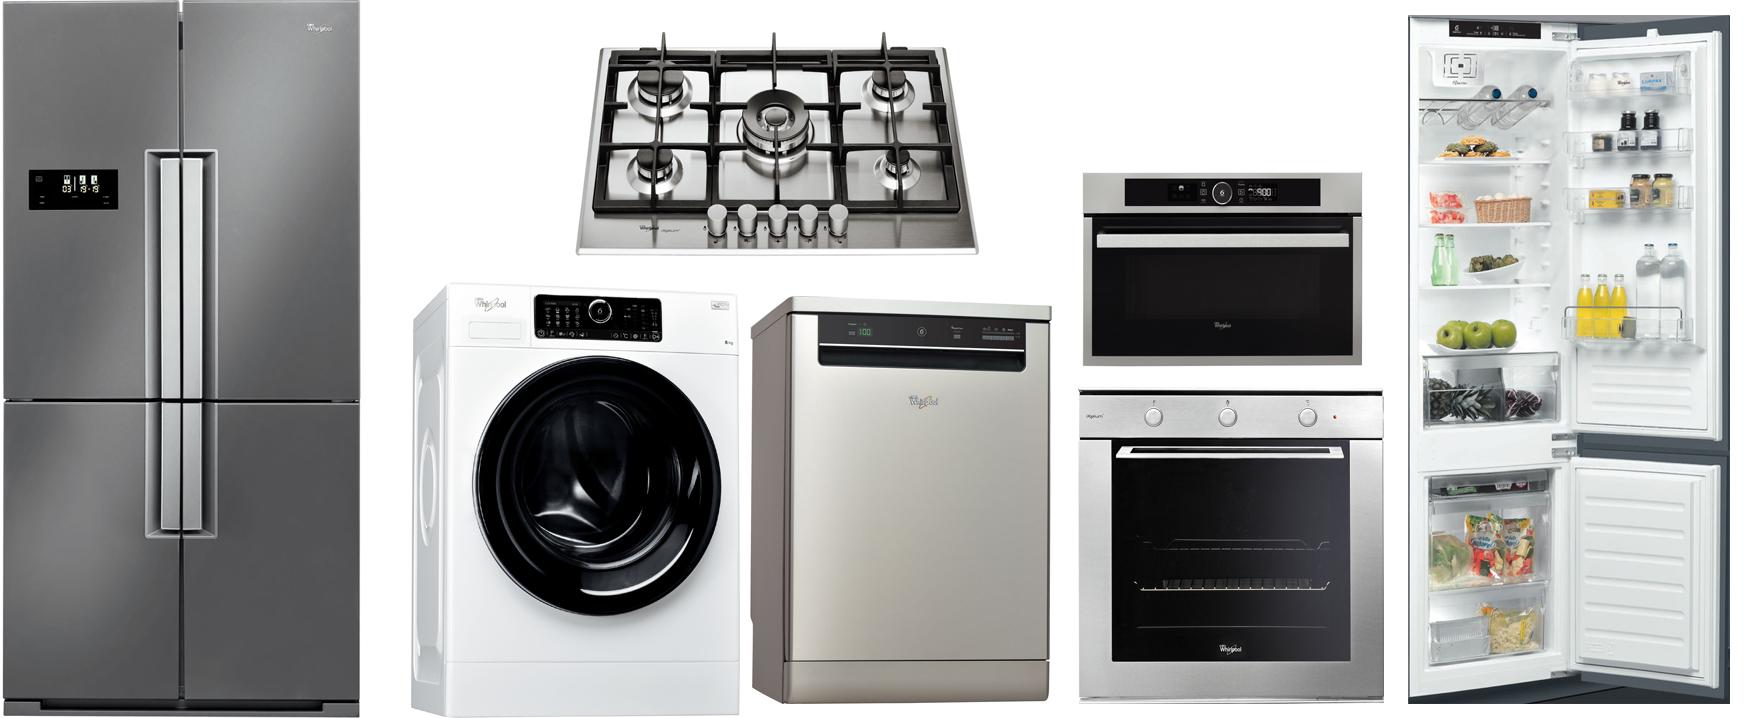 http://www.outletelettrodomestici.it/media/catalog/category/Outlet_Elettrodomestici_Categoria_NEW.jpg